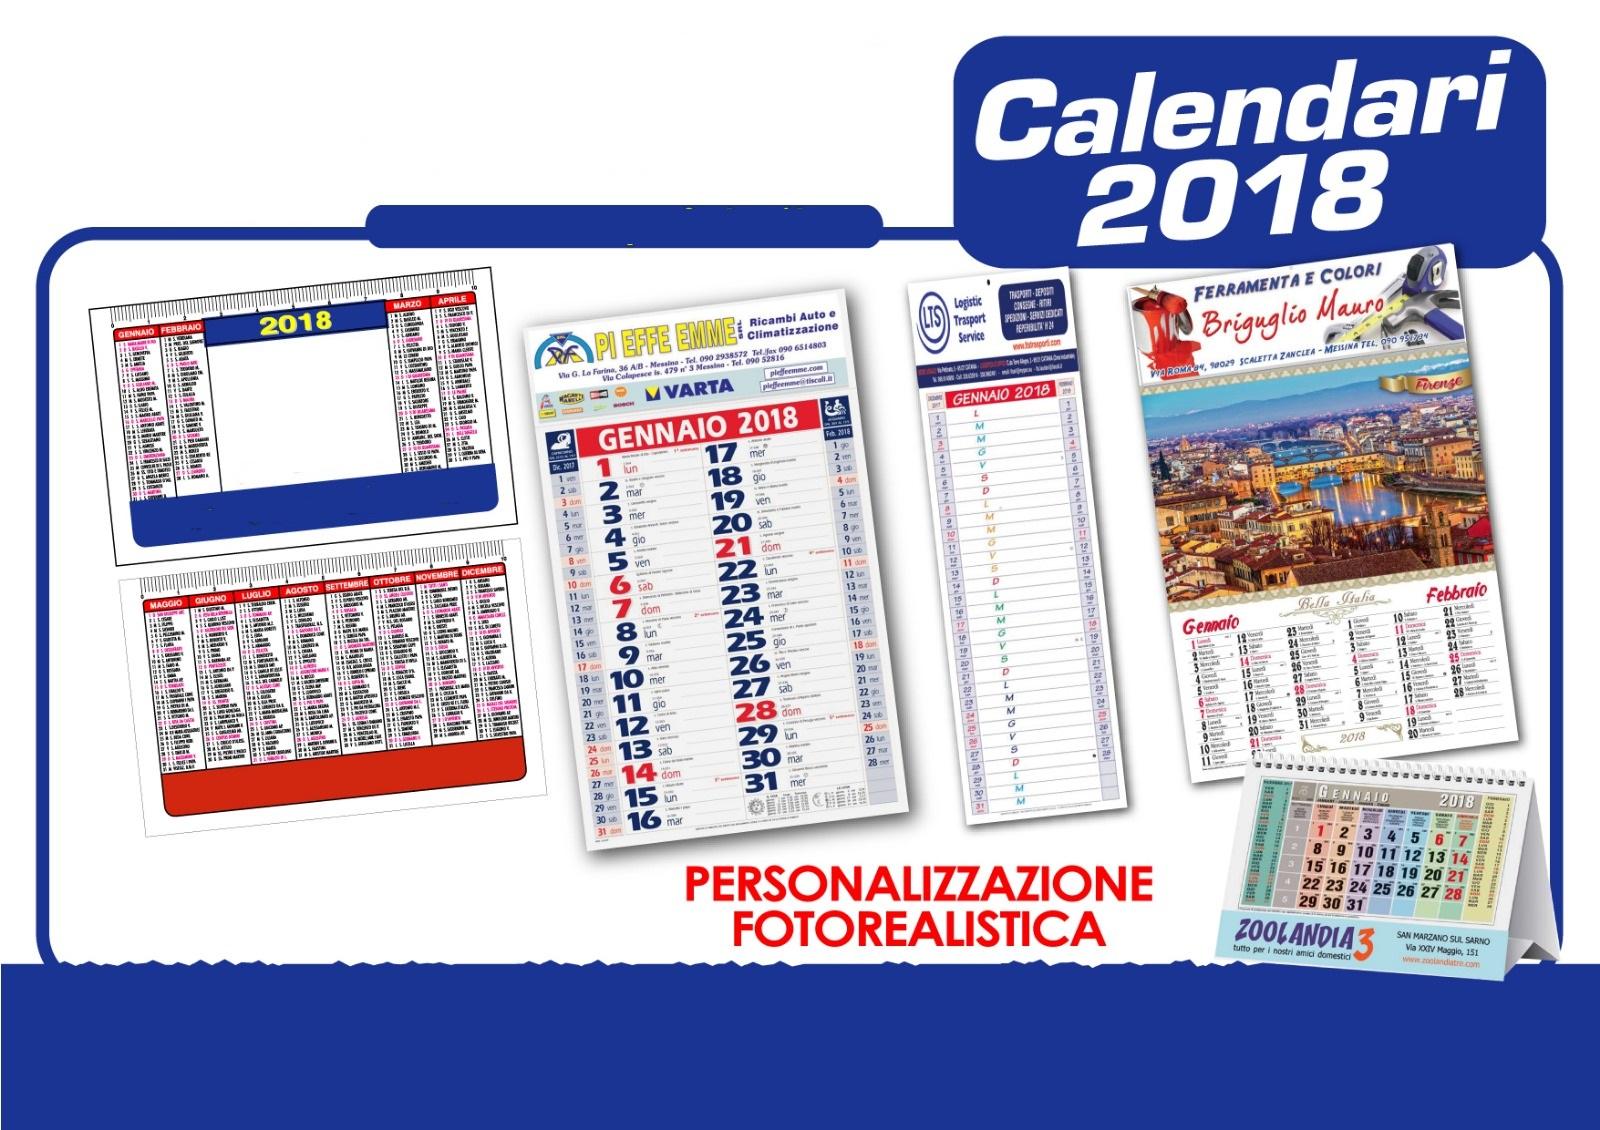 calendario-personalizzato-2018-giulianova